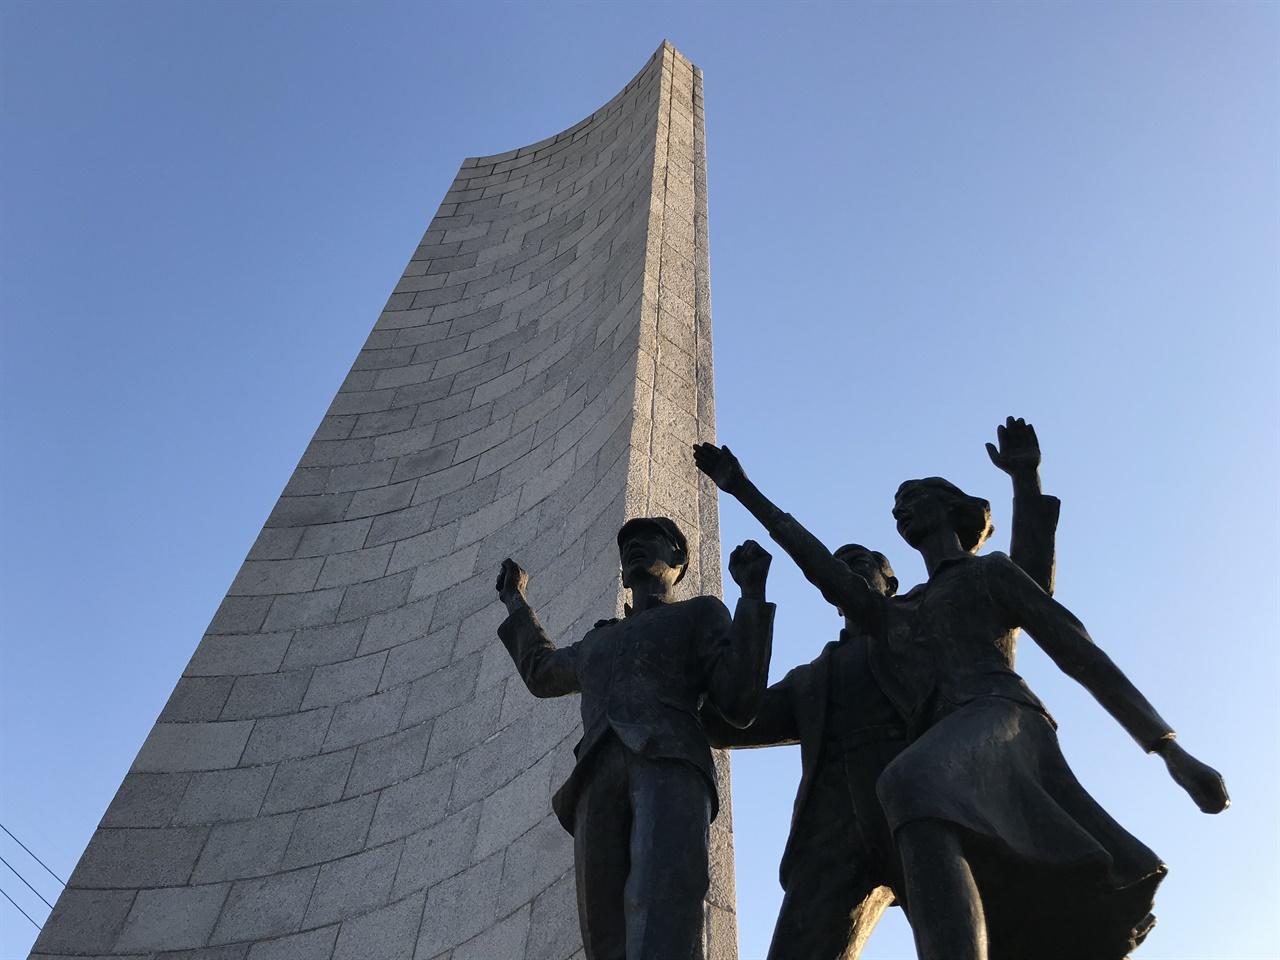 마산 3.15의거기념탑 1960년 3월 15일 마산에서 일어난 '의거'를 기념해서 1962년 7월 10일 세웠다.  1979년 10월 18일 오후 학교를 빠져나온 경남대 학생들은 이곳에 집결했다. 경남대 학생과 합류한 마산 시민들은 '마산항쟁'을 이어갔다. 마산에서 일상 영역의 공권력을 상징하는 파출소 공격이 나타난 건 1960년 3.15와 1979년 10.18뿐만이 아니다.  1946년과 1987년에도 파출소에 대한 공격이 있었다. 해방과 1987년 민주화 투쟁 국면에서도 마산 시민은 적극적으로 시위에 나섰다.